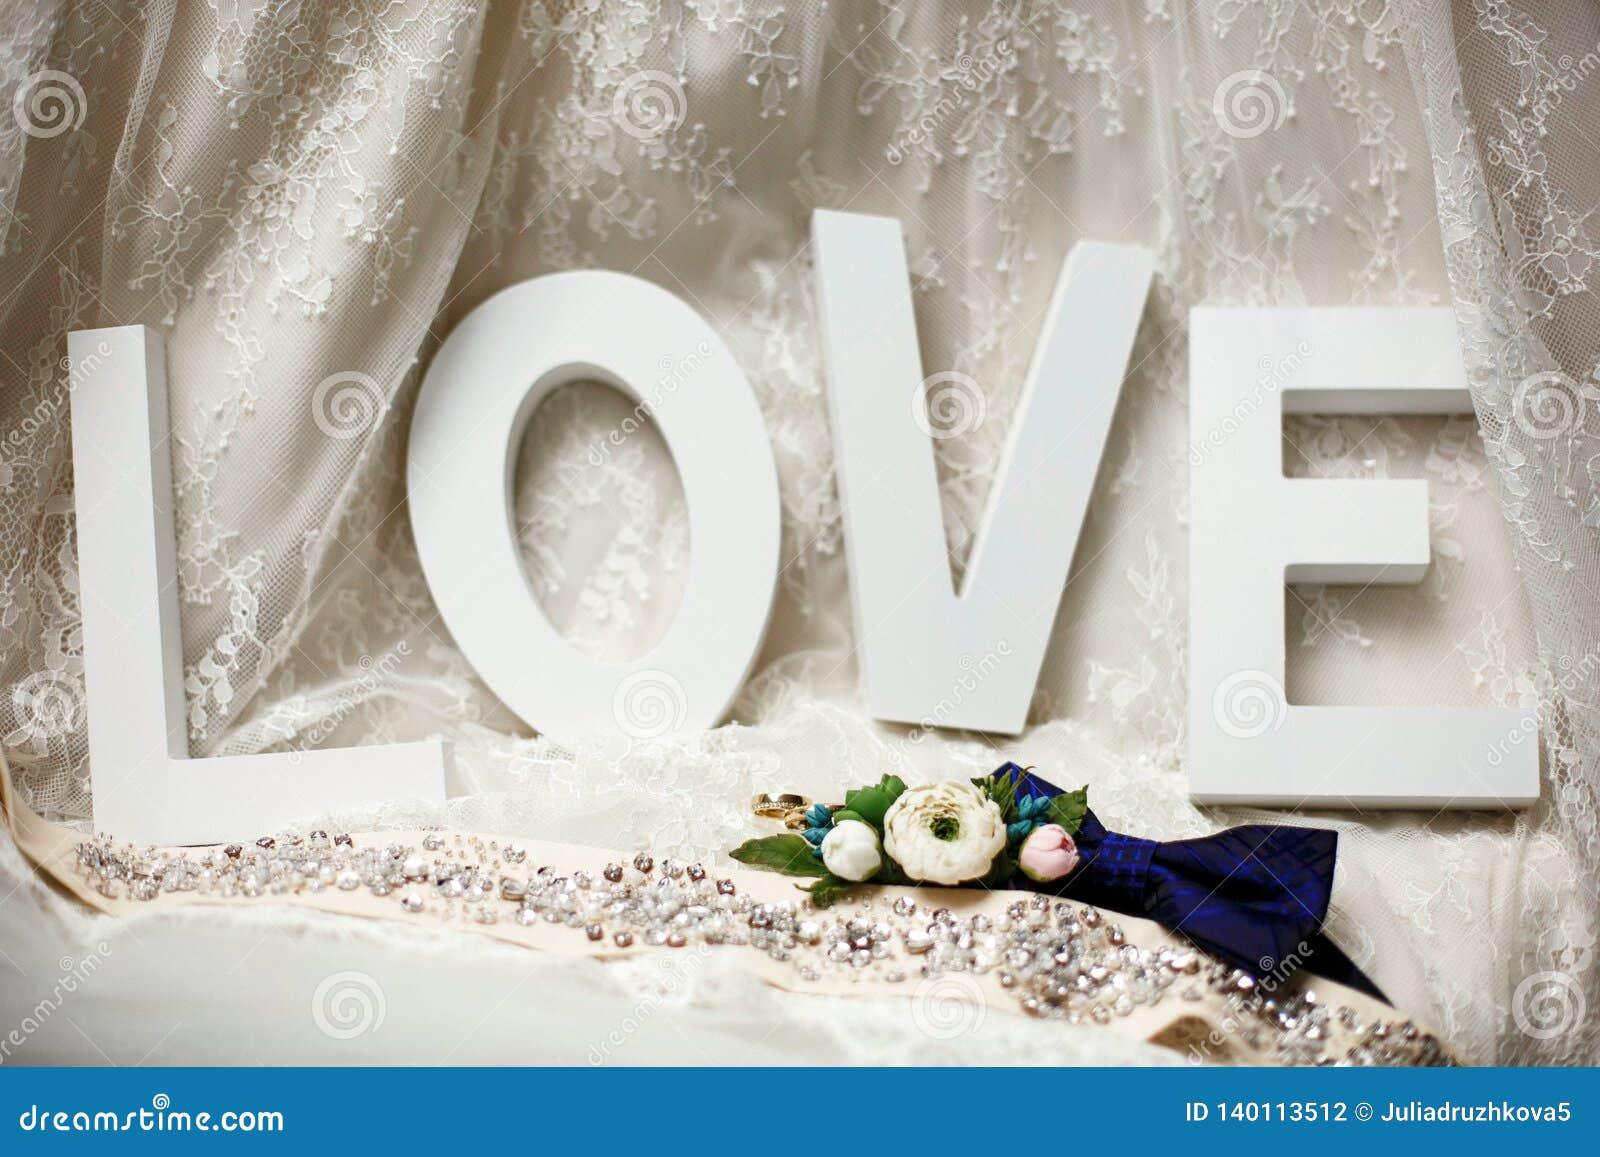 Обручальные кольца лежат перед любовью слова